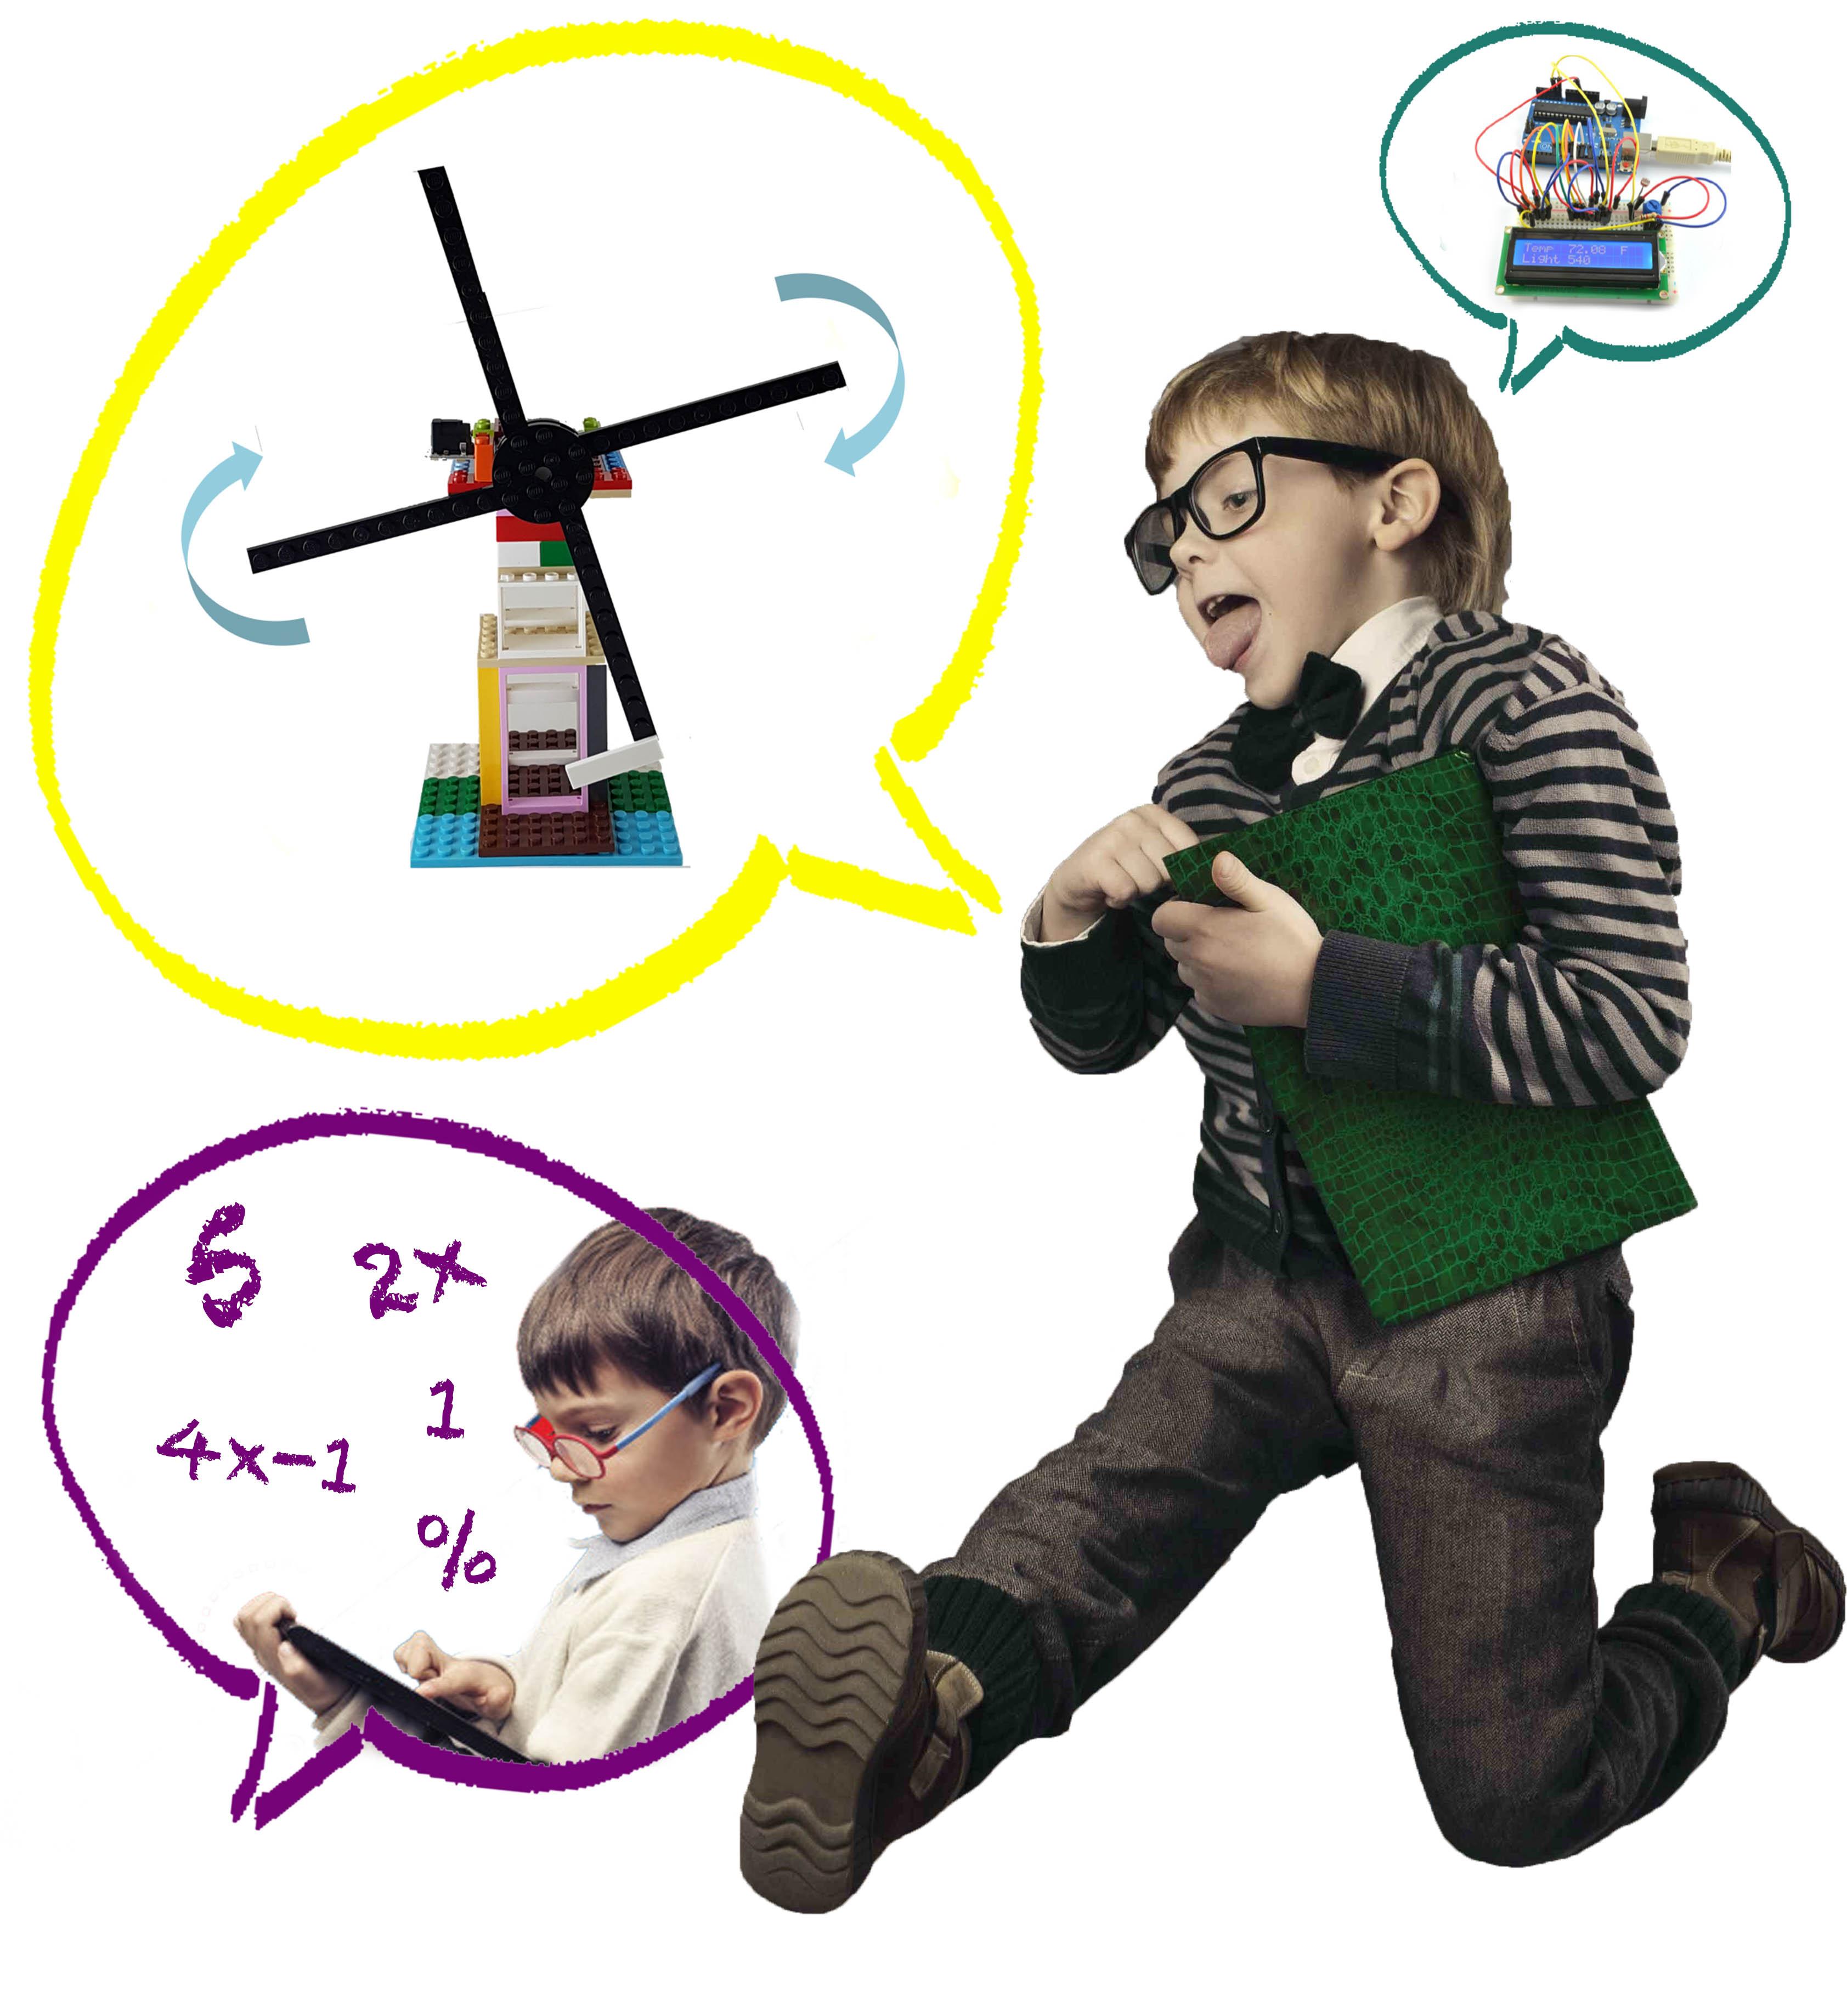 Çocuklar Yazılım Dünyası ile Tanışıyor